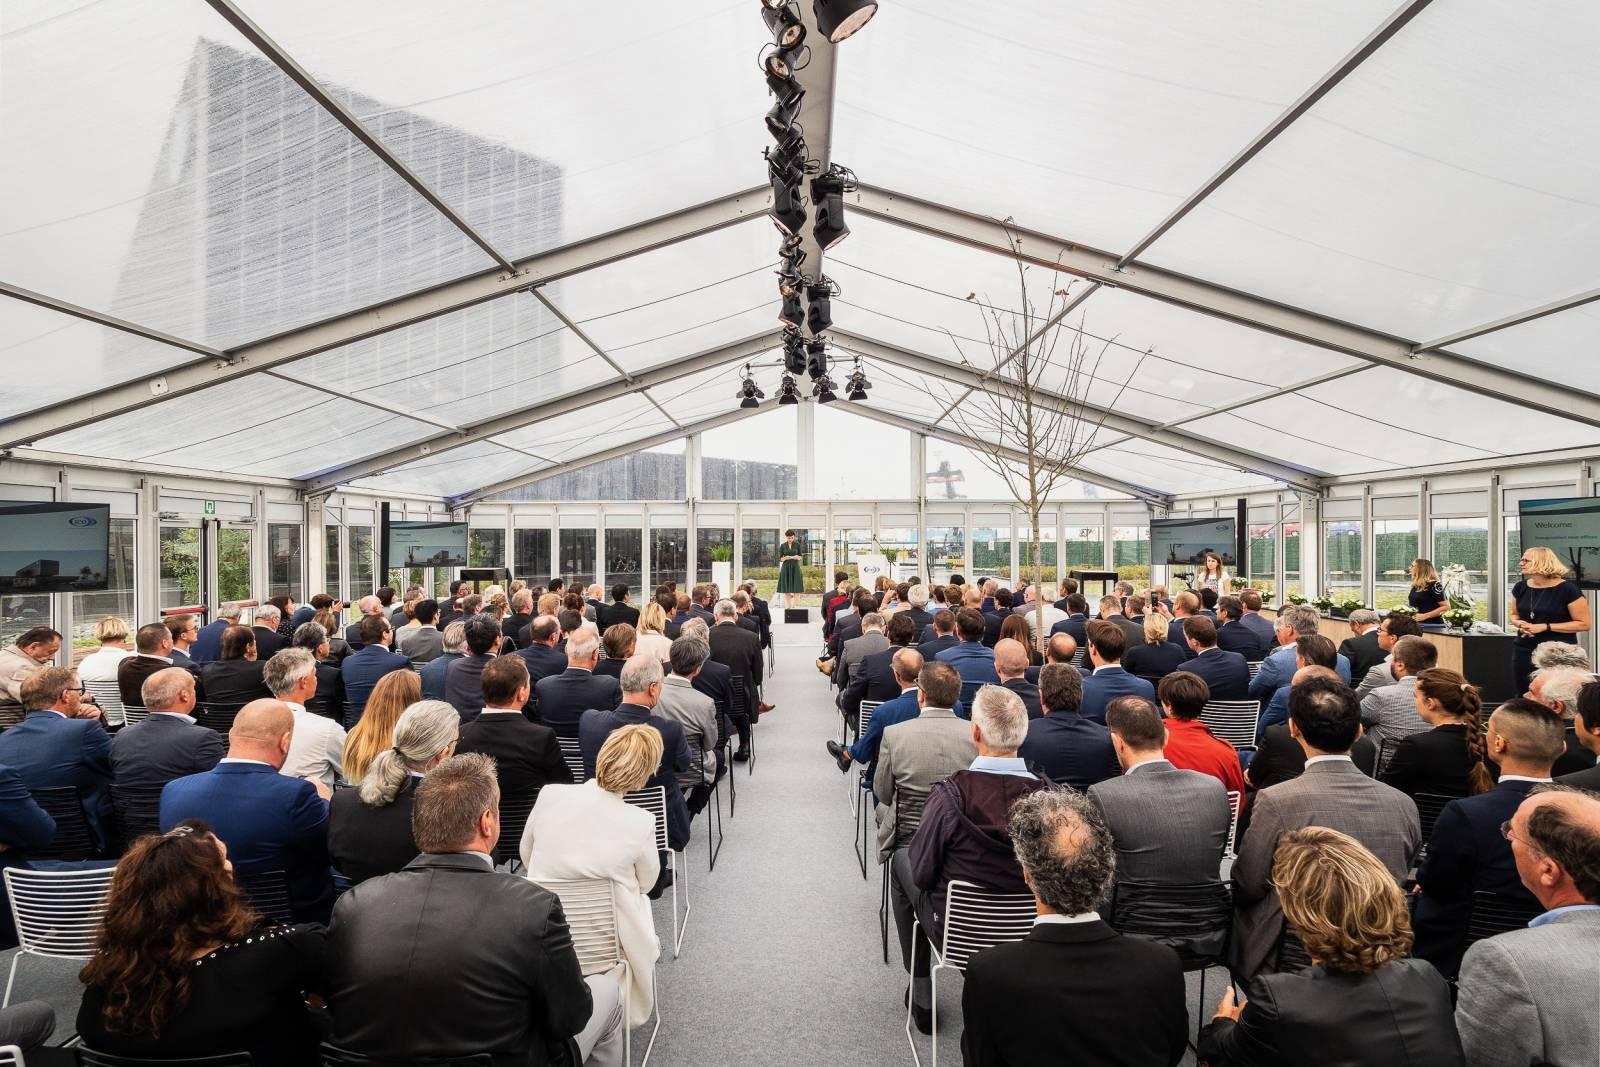 Tentmoment - Feesttent - Tent Event - Verhuur Tenten - Fotograaf Jurgen De Witte - House of Events - 32